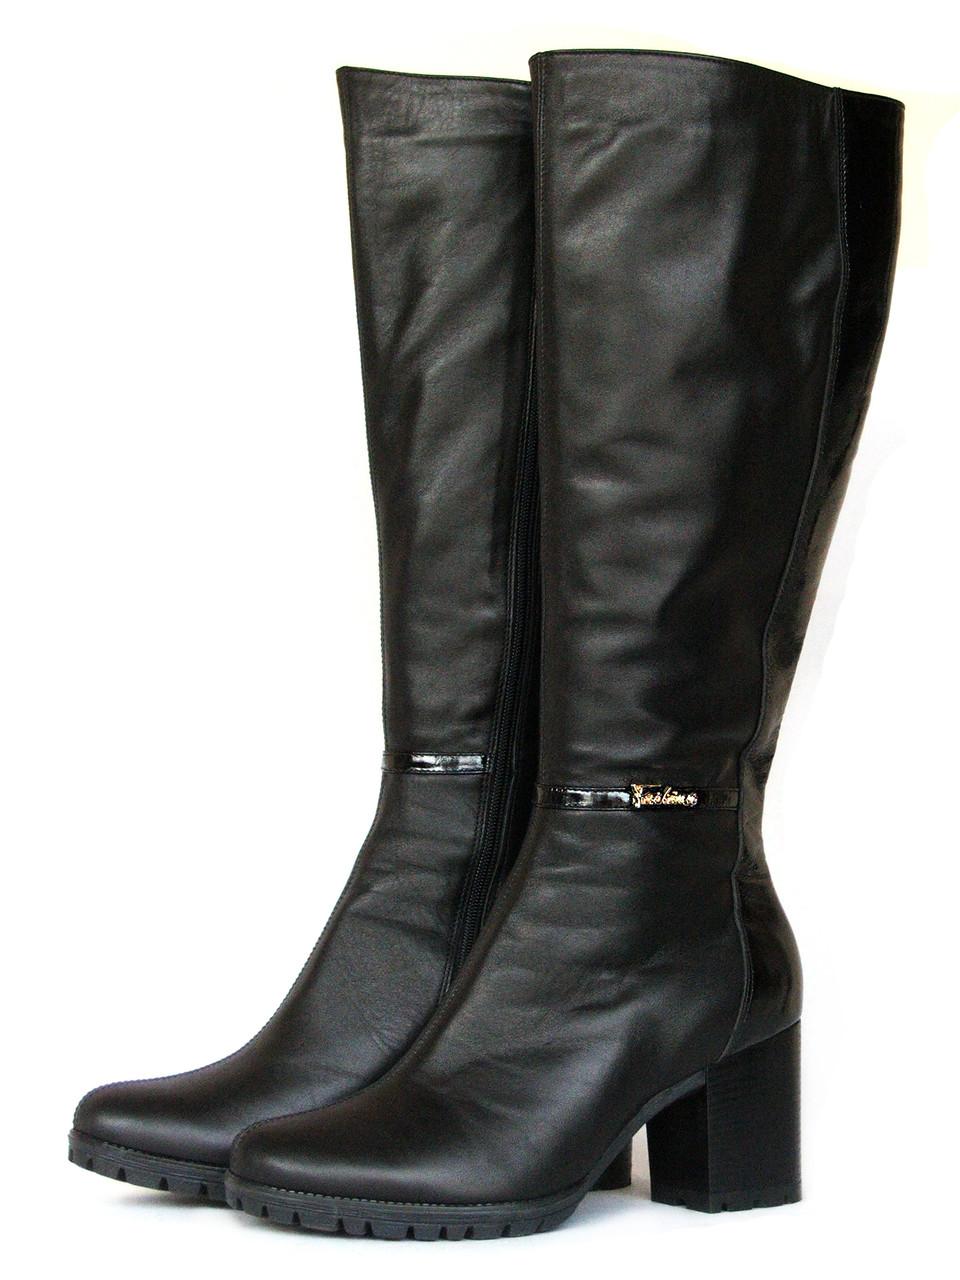 ba38b4bf0dca Зимние кожаные сапоги на каблуке - купить по лучшей цене в Запорожье от  компании ...